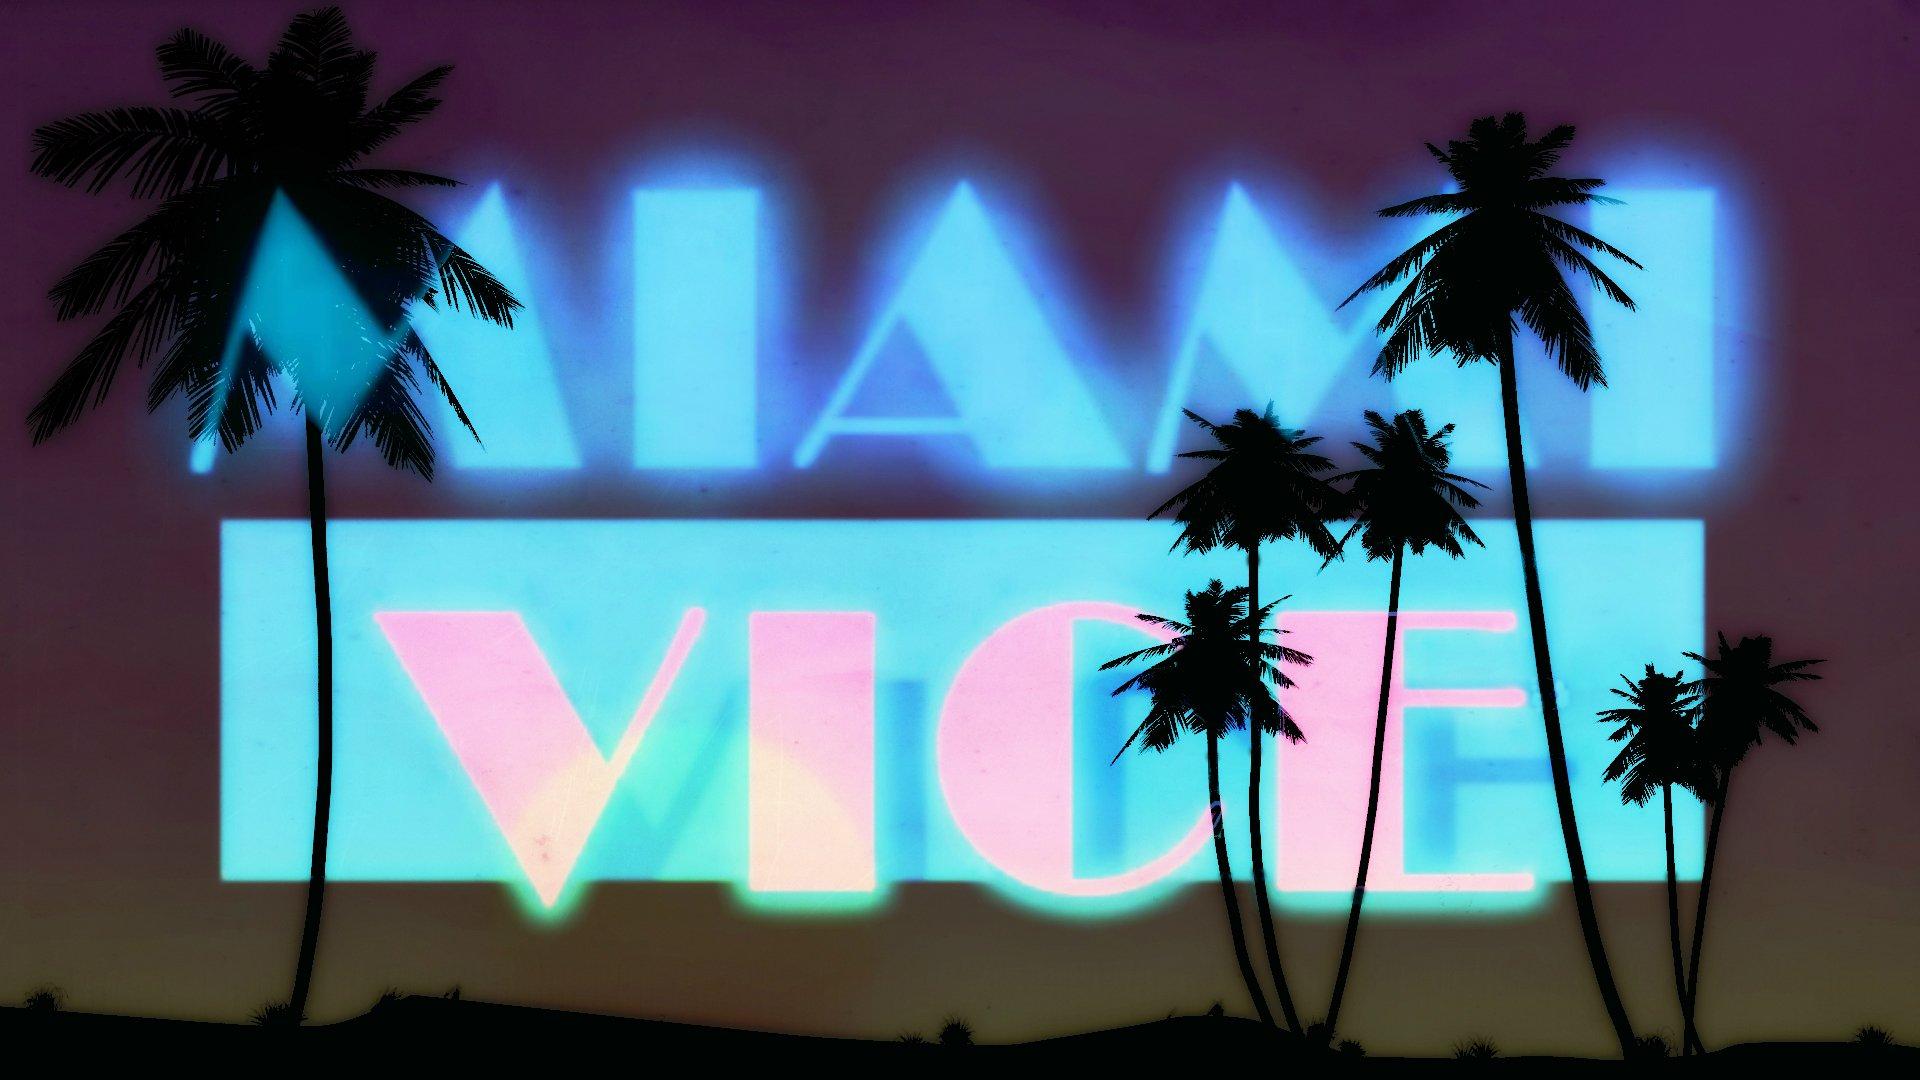 Hotline Miami Iphone Wallpaper Miami Vice Hd Wallpaper Background Image 1920x1080